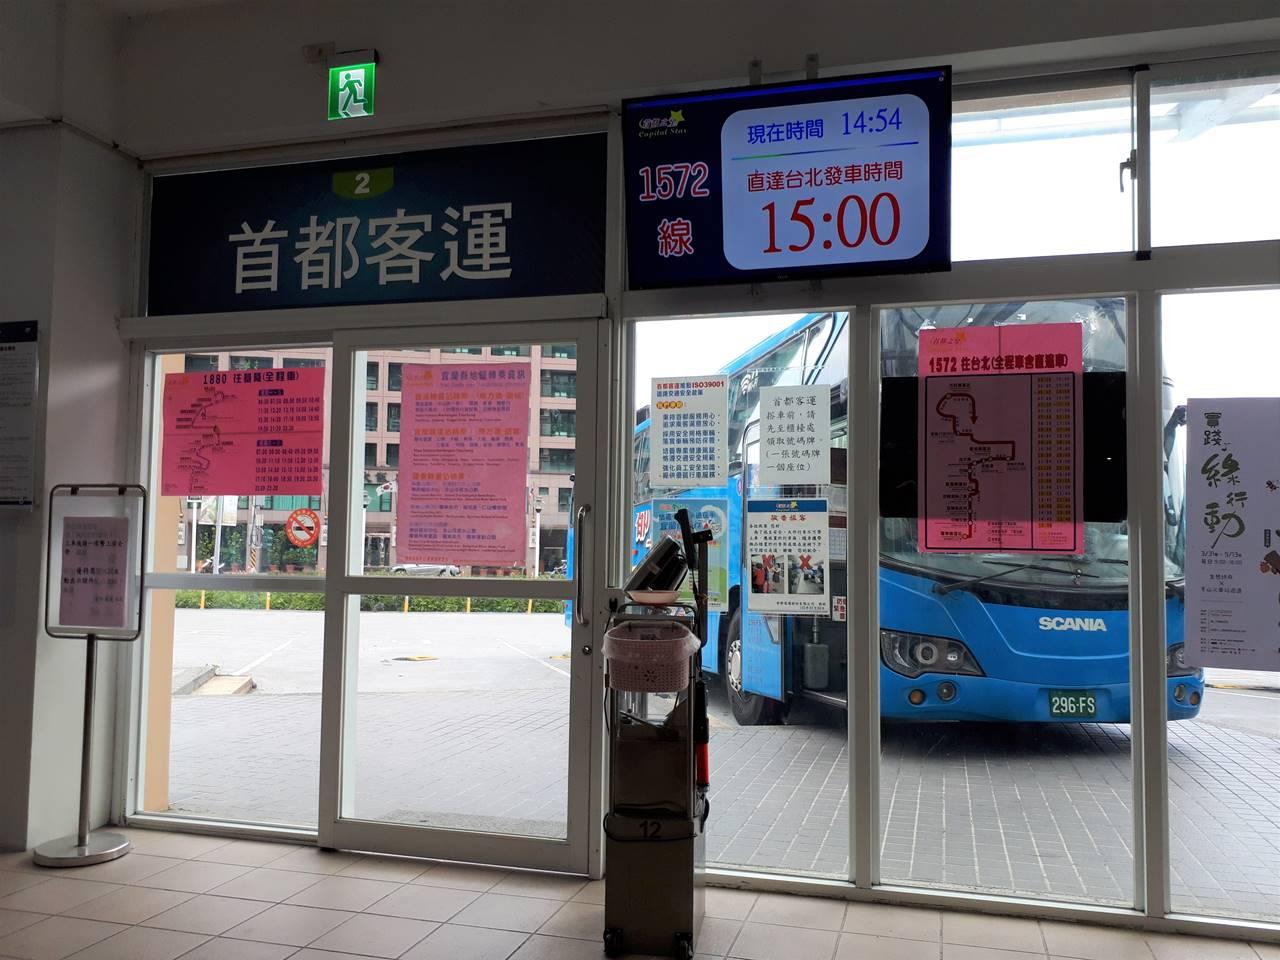 台湾・礁渓温泉から台北へバス移動